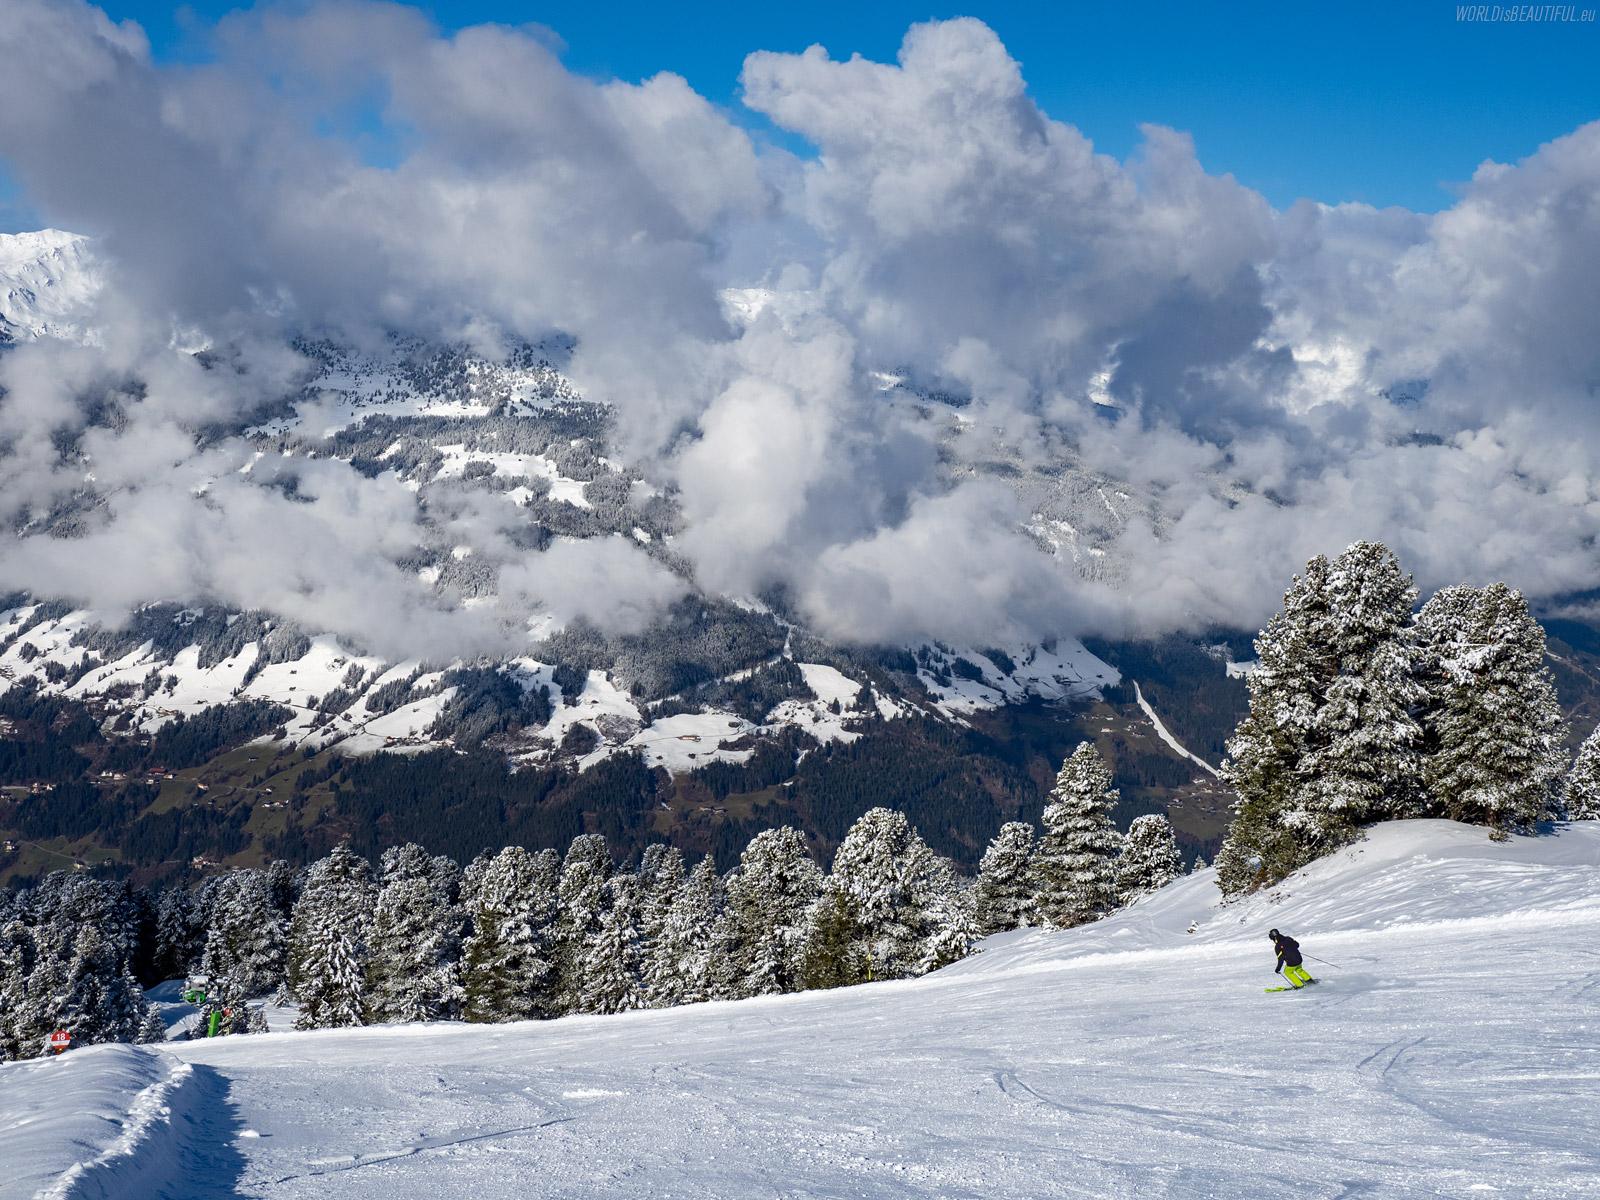 Ski runs at the Zillertal Ski Arena